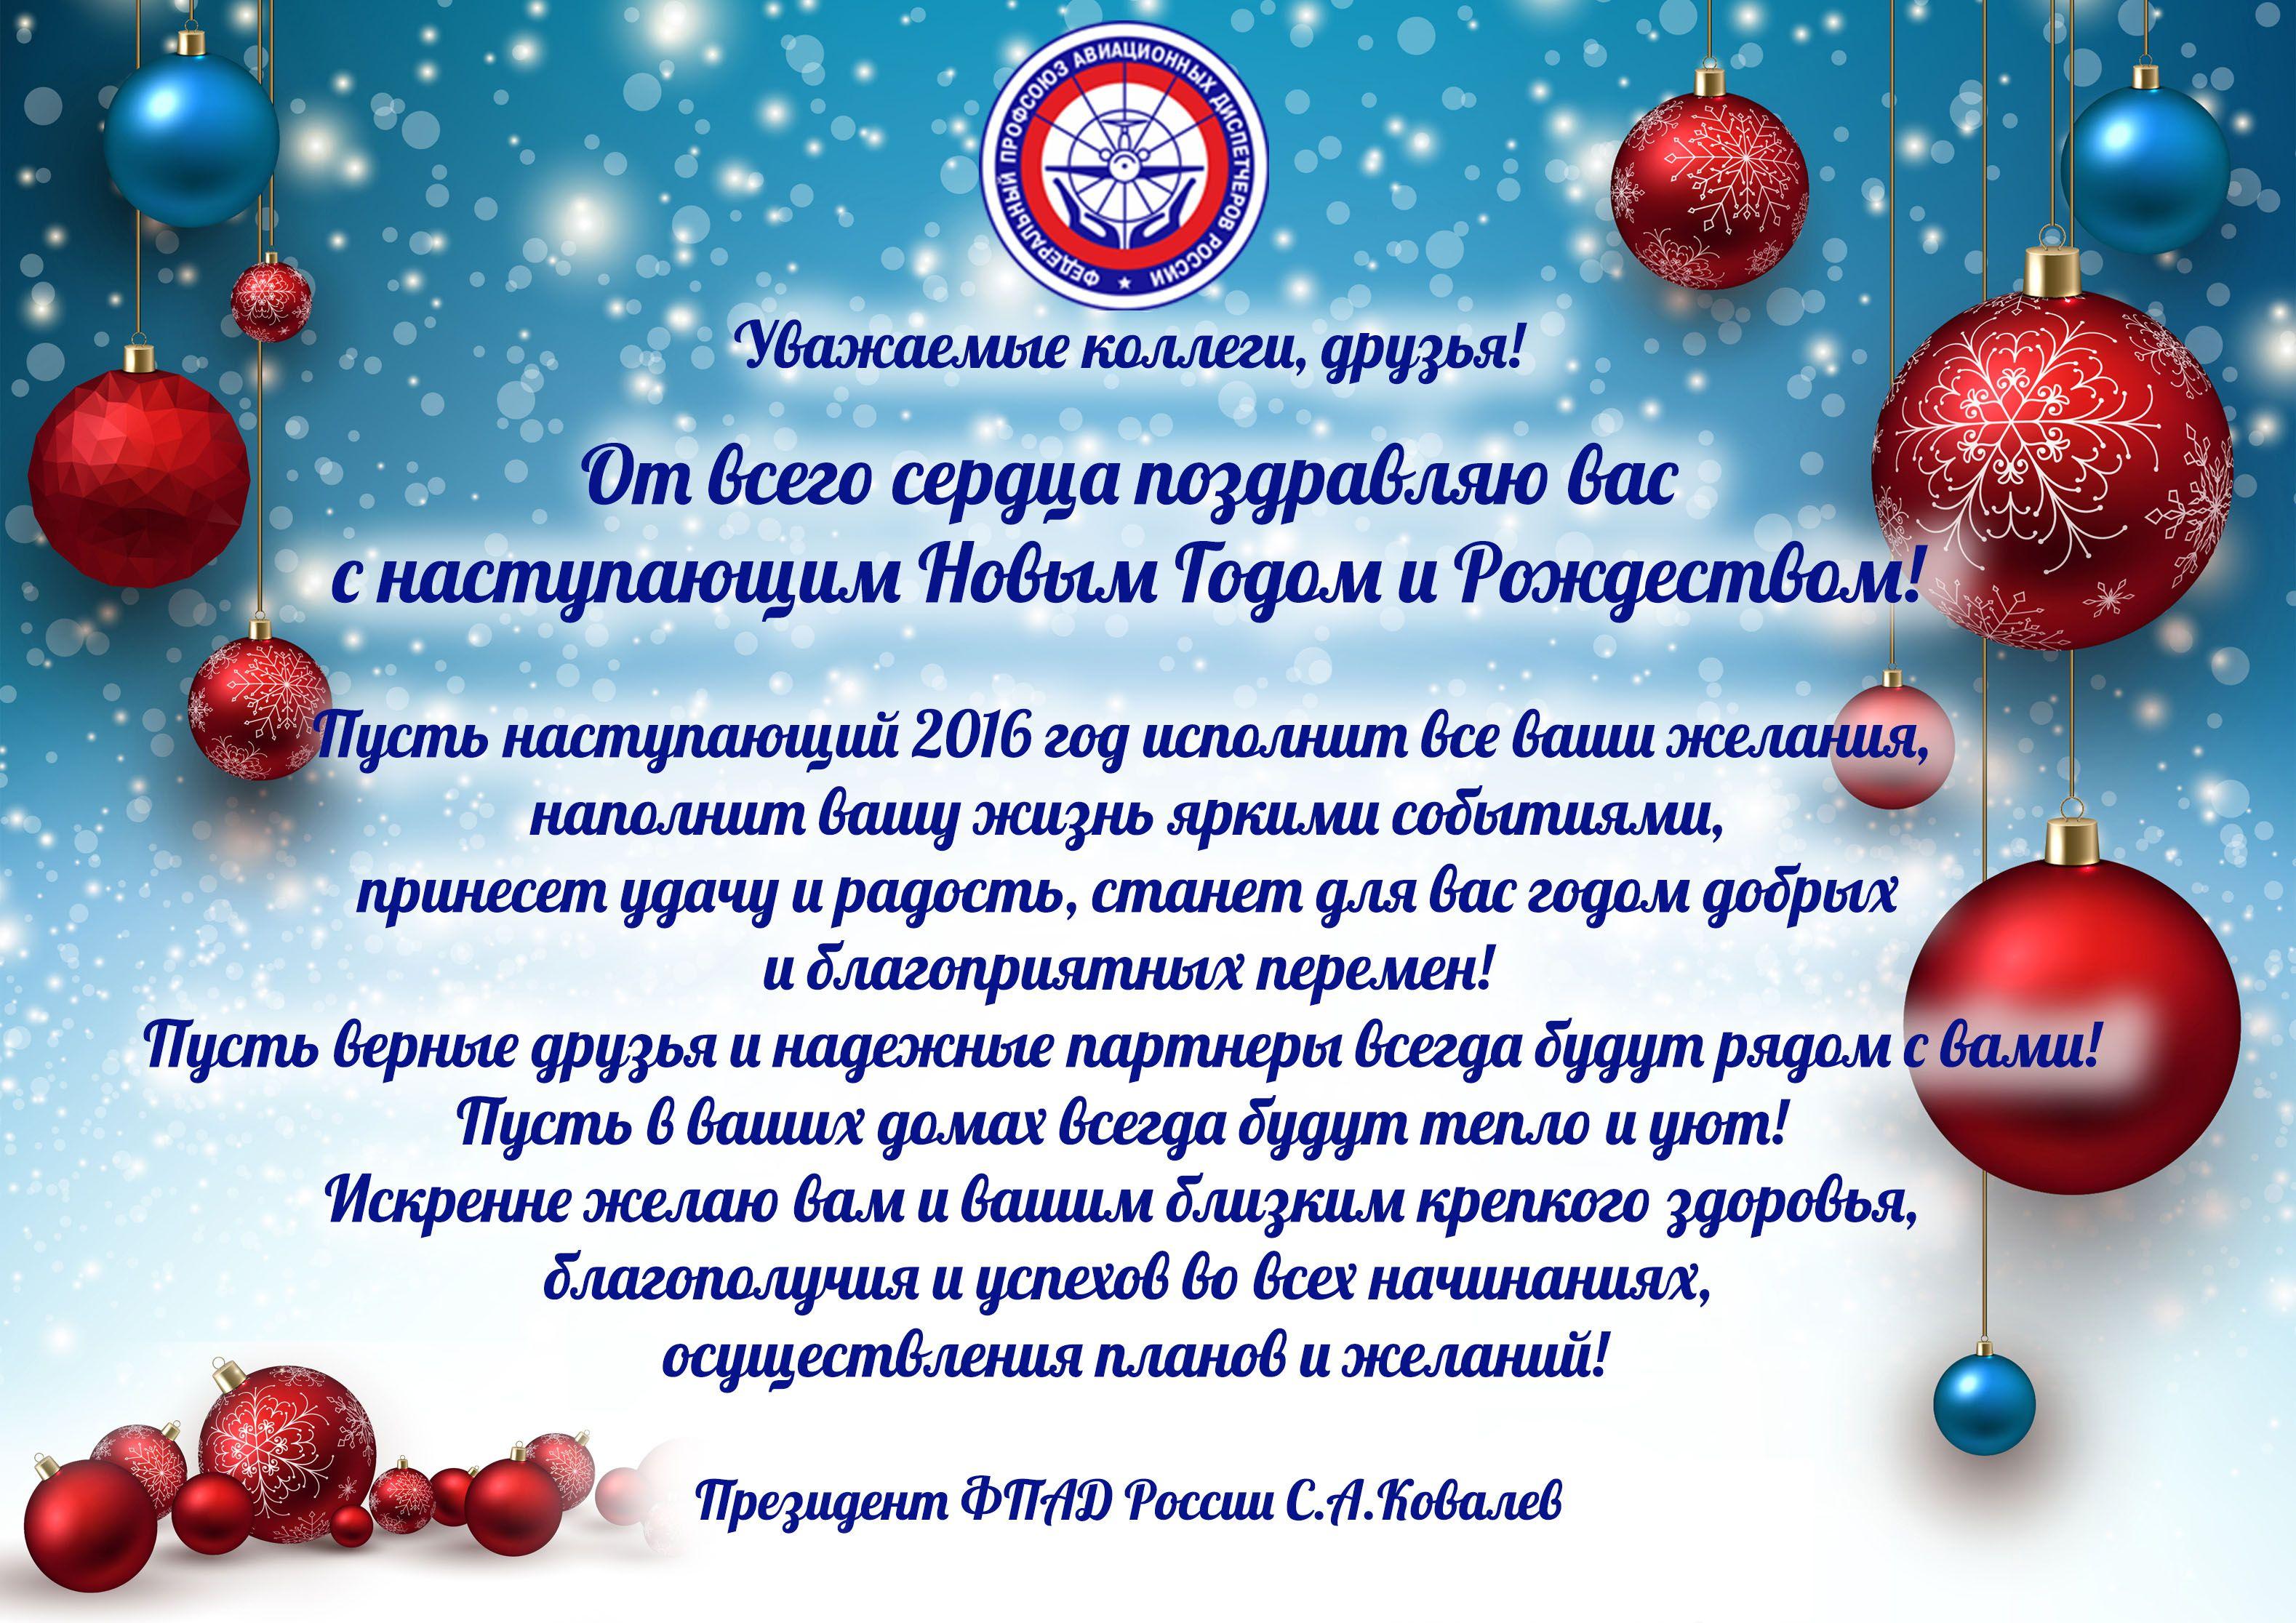 Профсоюзное новогоднее поздравление